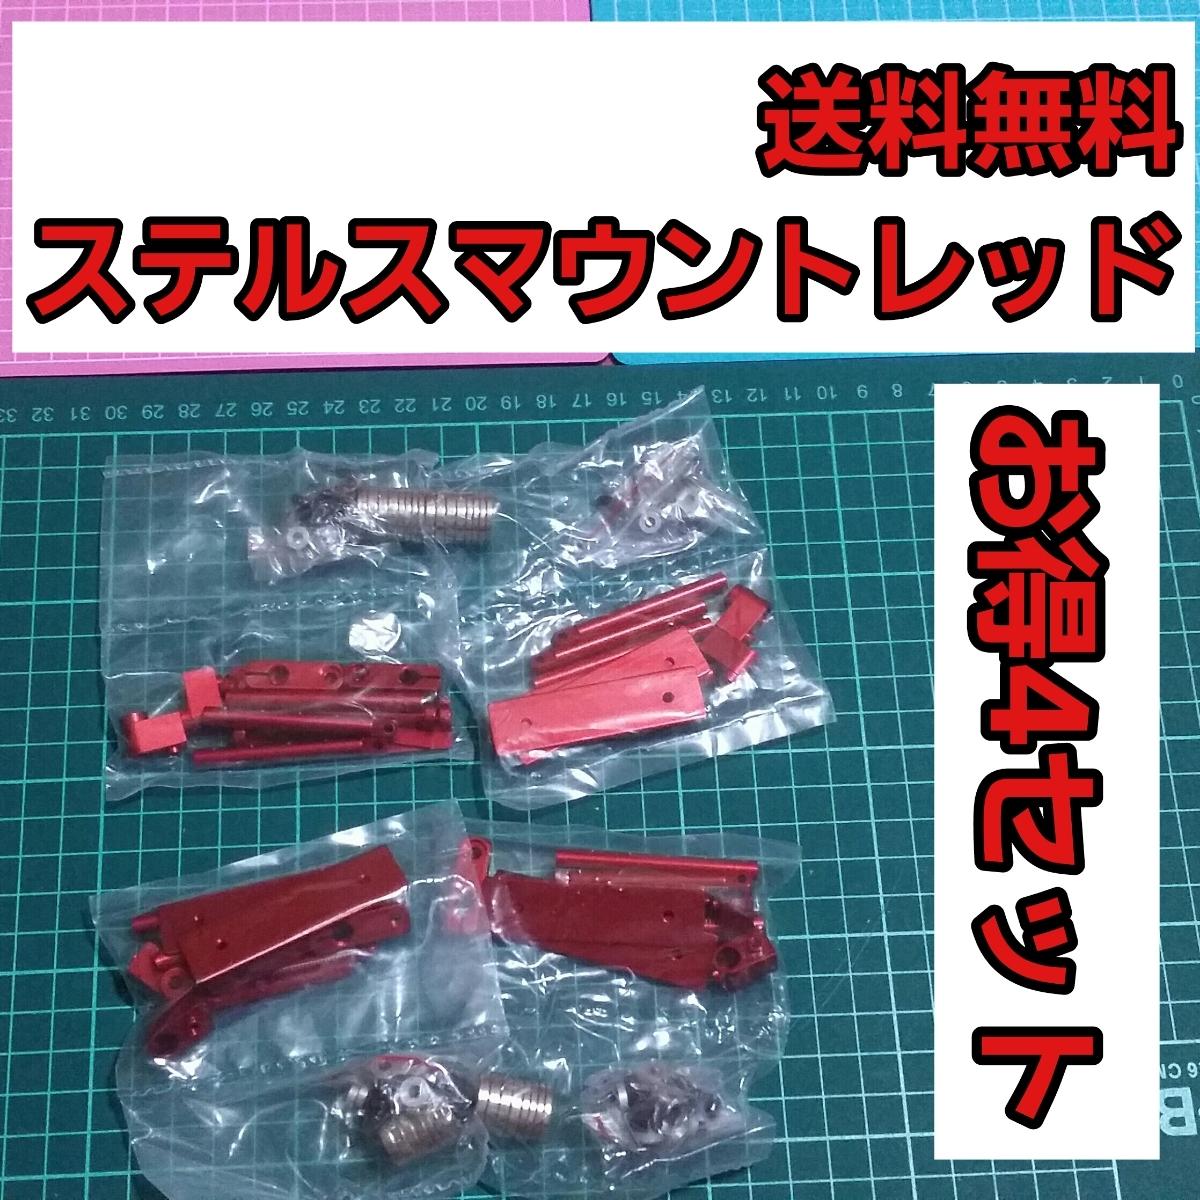 即決《送料無料》 ステルス マウント レッド 4セット     ラジコン ヨコモ ドリパケ タミヤ TT01 YD-2 YD-4 TT02 サクラ D3 d4